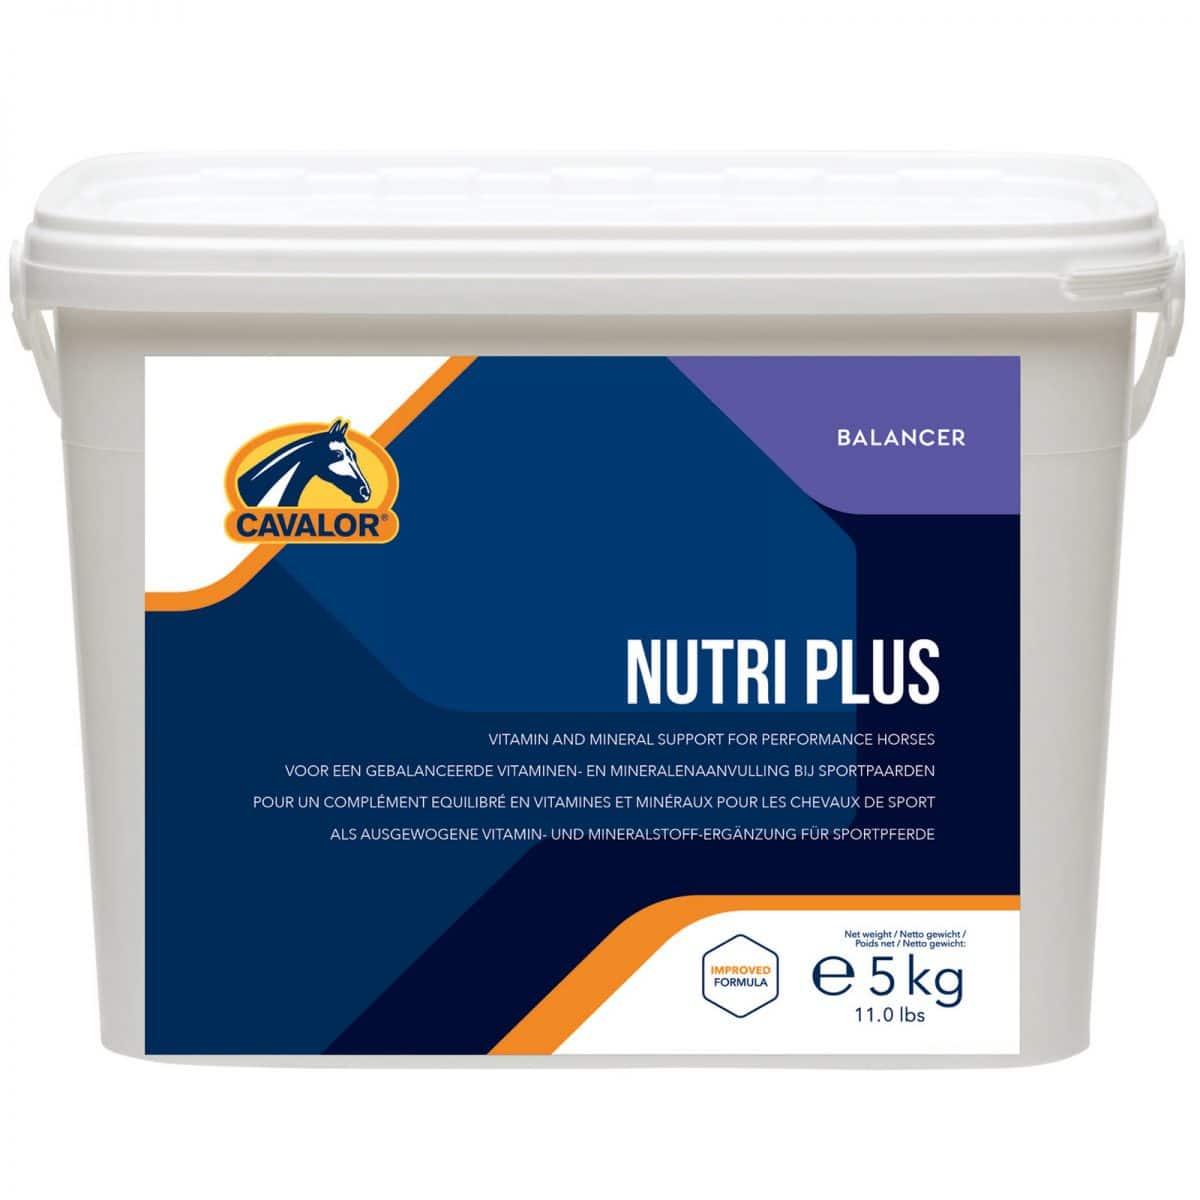 Viditeľný výkon a zdravý kôň! Granulová zmes s maximálnym množstvom minerálov a vitamínov ako kompletný doplnok pre kone v intenzívnej športovej záťaži. Viac tu: https://www.happyhorse.sk/products/cavalor-nutriplus-/